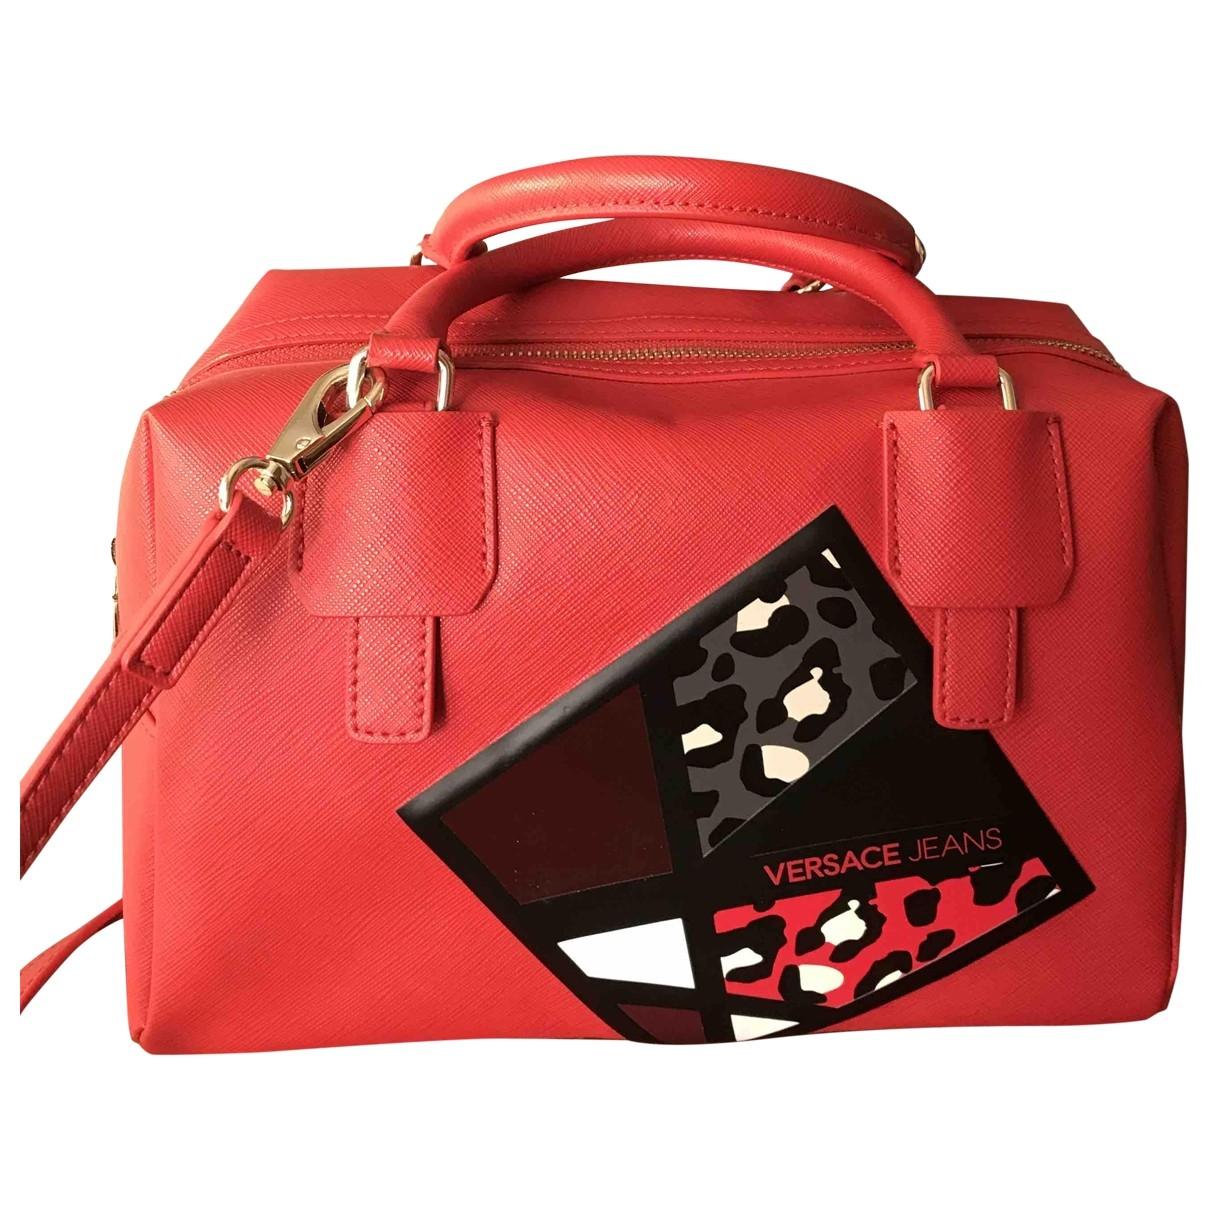 Versace Jean - Sac a main   pour femme en cuir - rouge